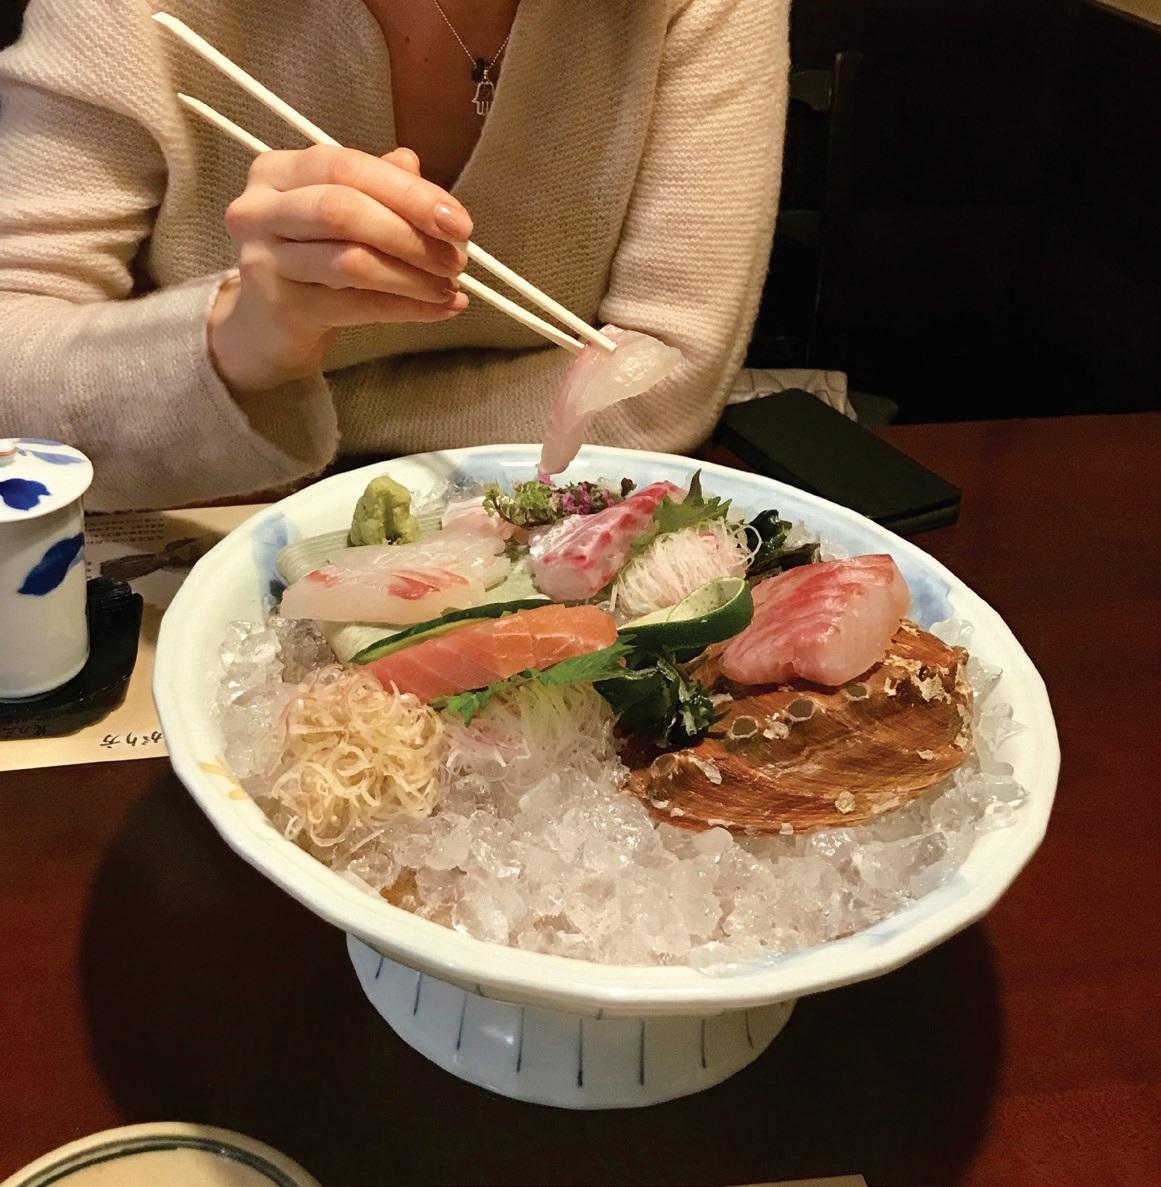 Sezoniškumas – vienas pagrindinių japoniškos virtuvės principų. Teiraukitės, kokias žuvis gaudo dabar